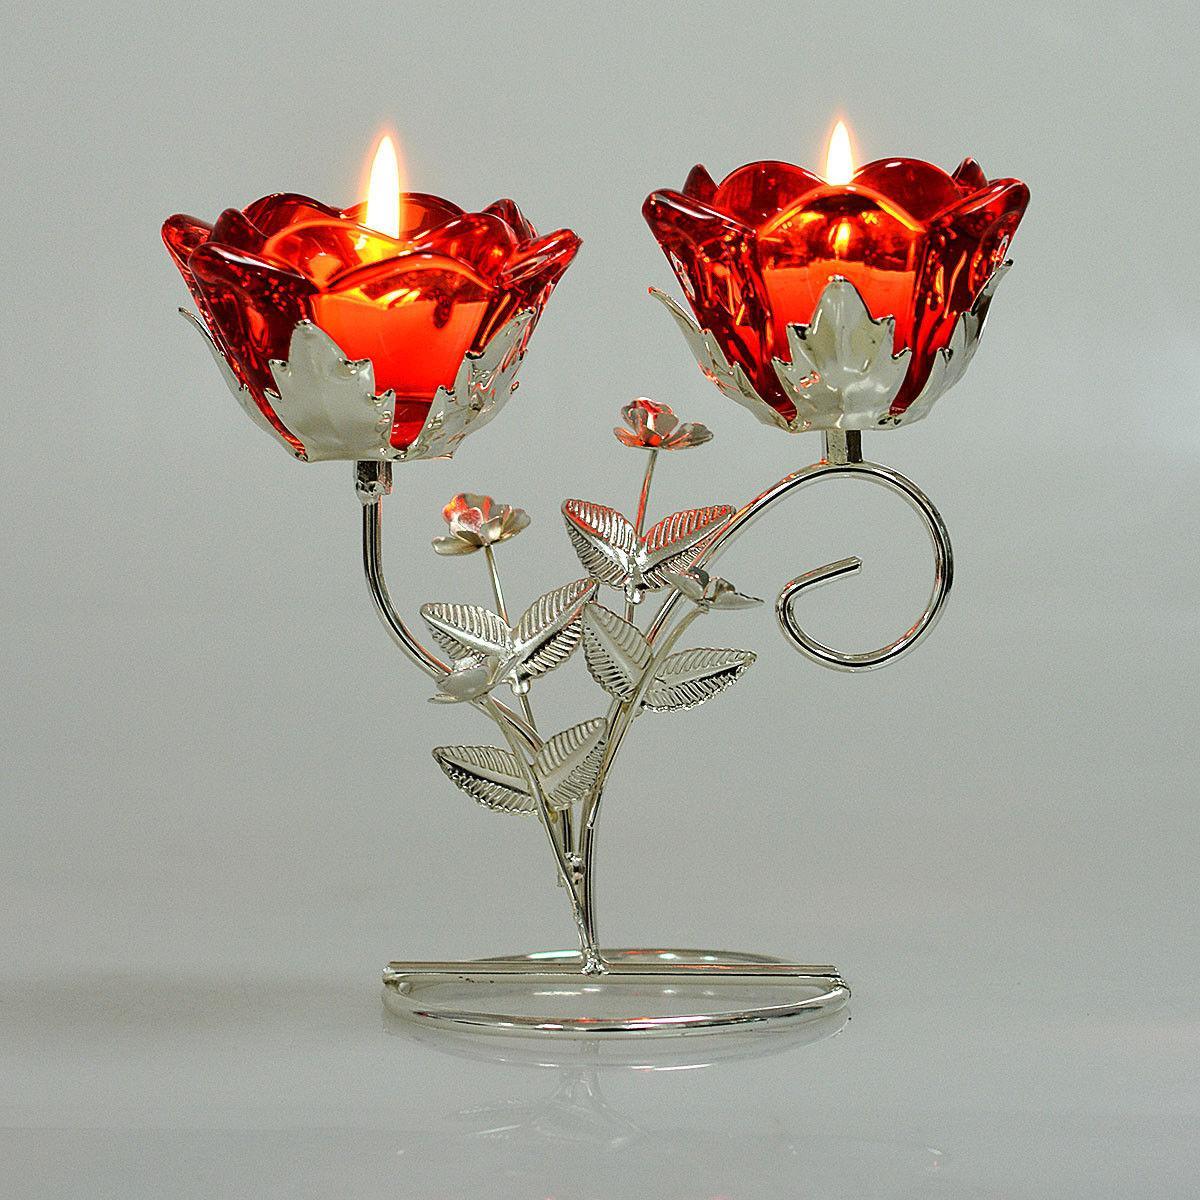 2 Flower Glass Tealight Holder Metal Stand Decor